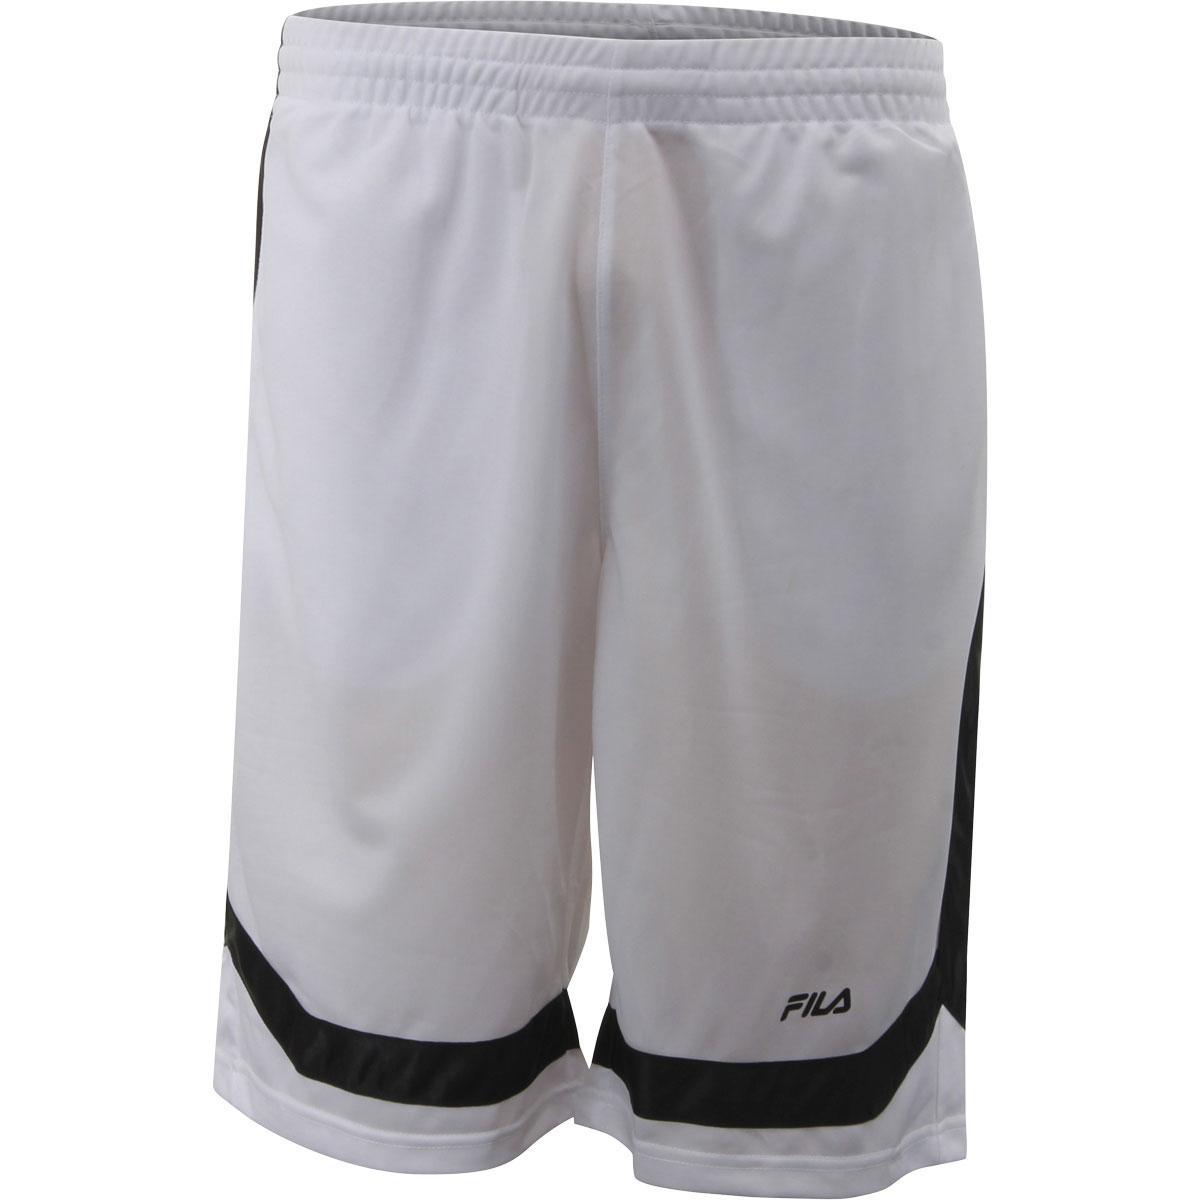 Image of Fila Men's Circuit Drawstring Shorts - White/Black - Large